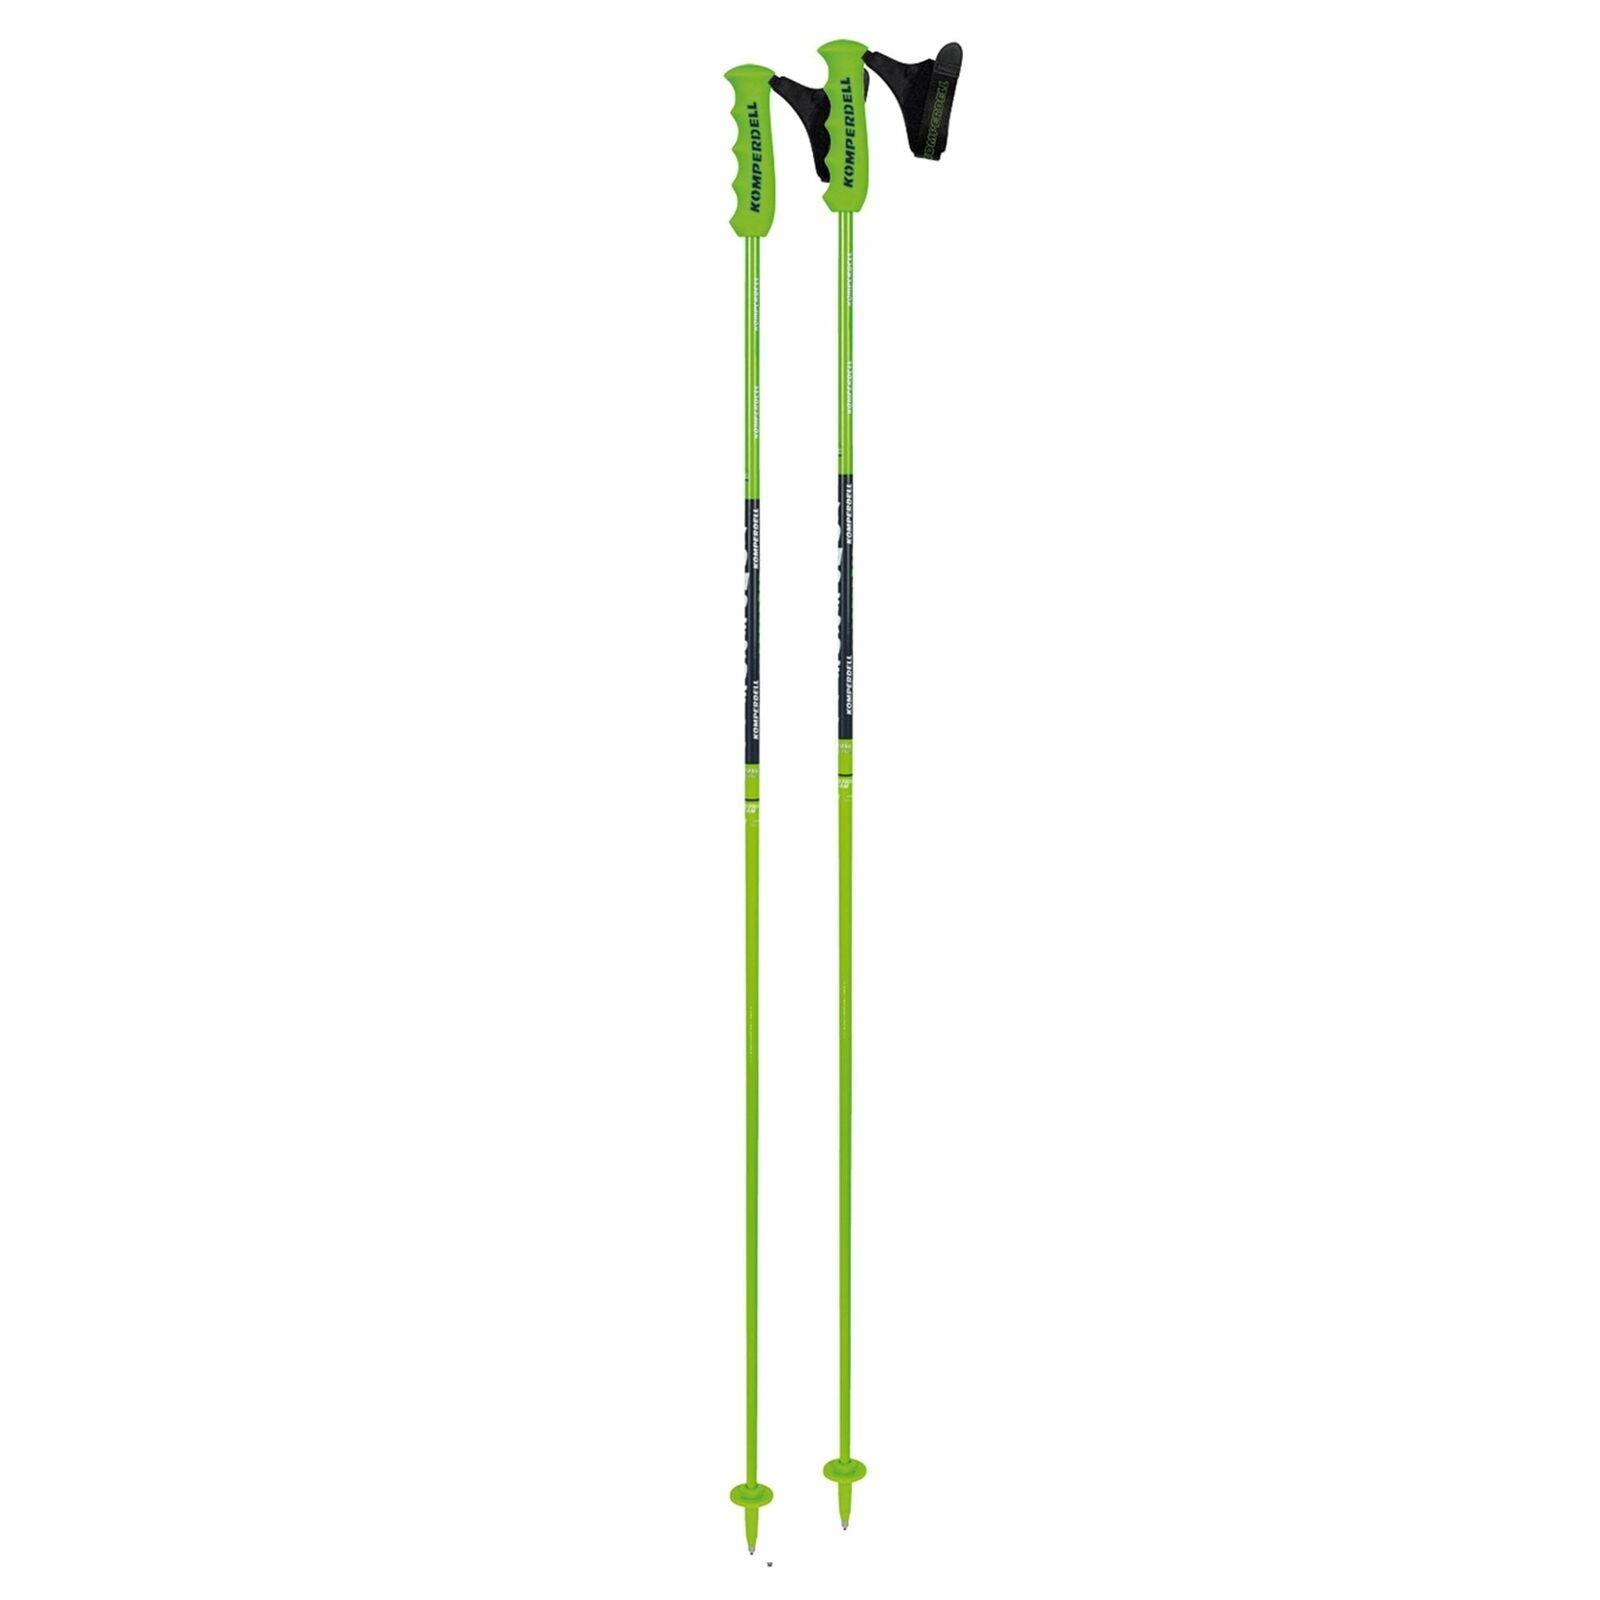 Komperdell National Team Carbon Skicross 12.3mm Ski Pole - Green